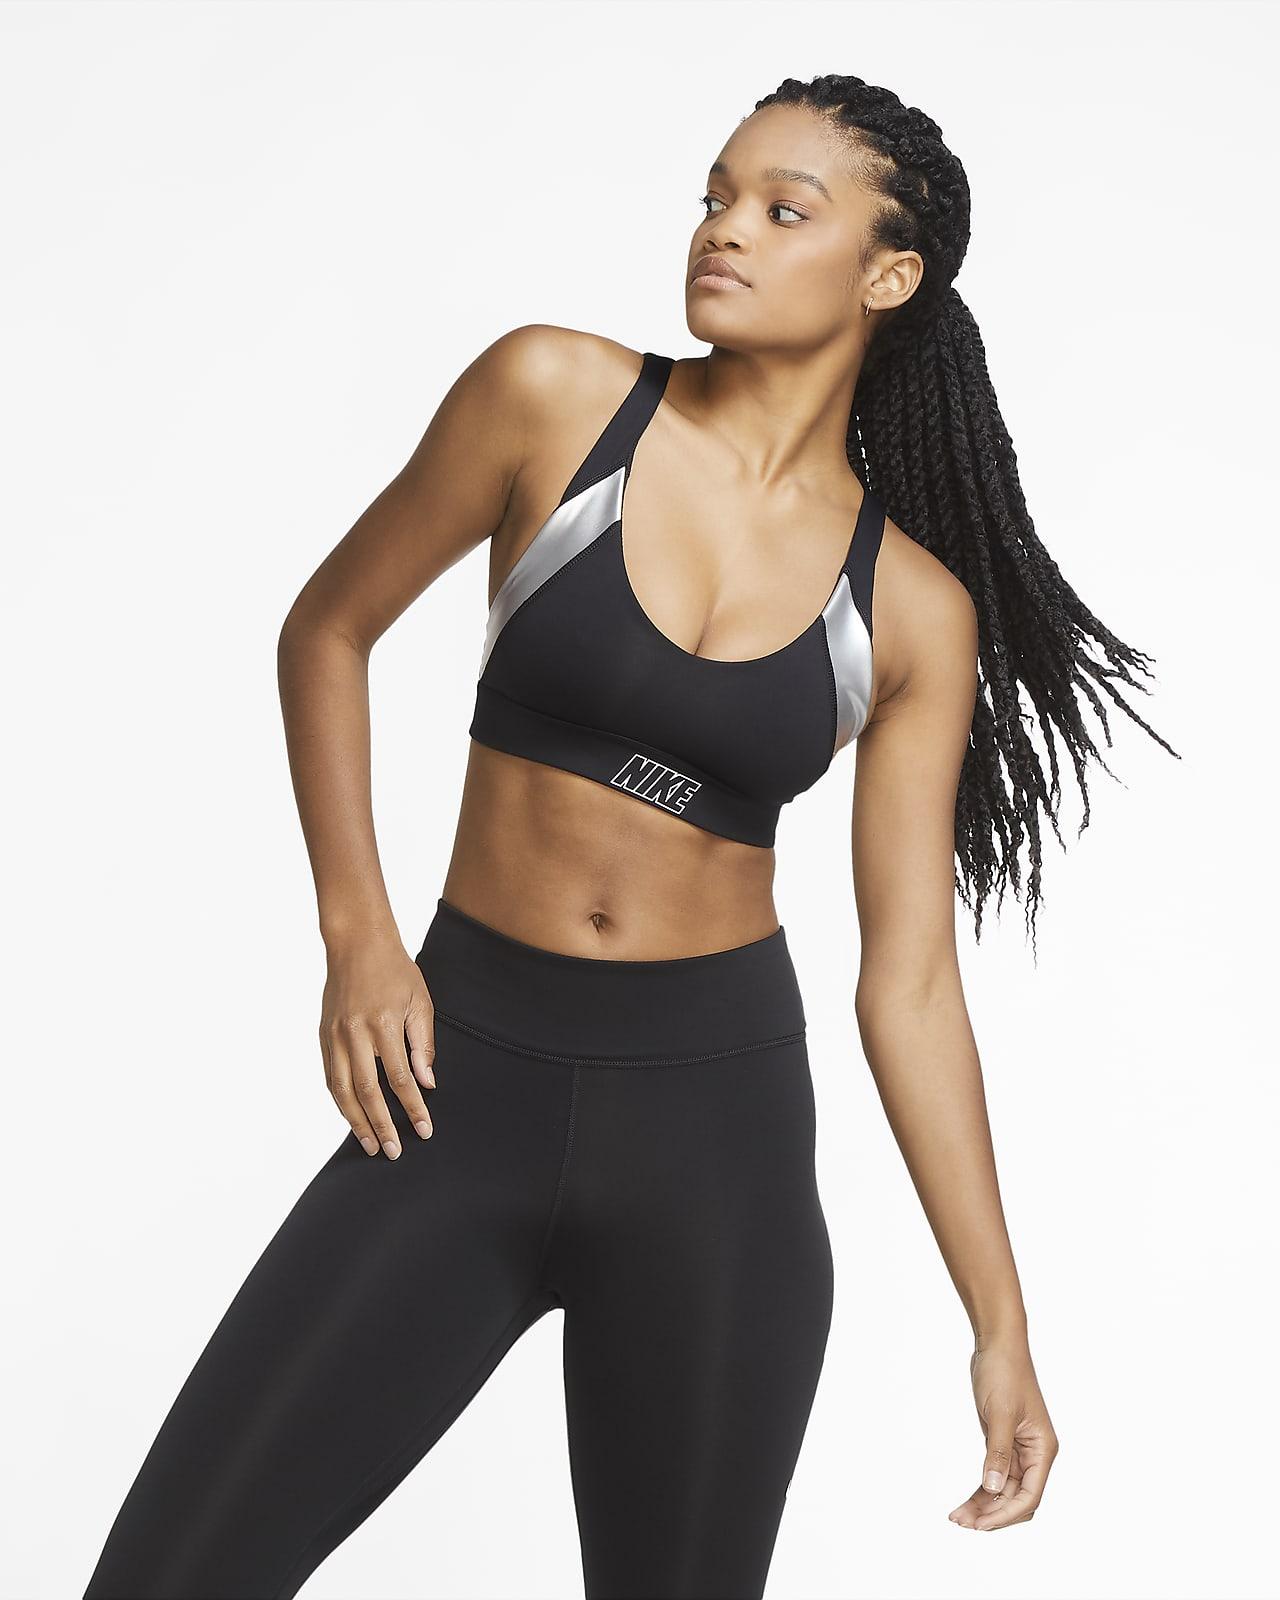 Bra metallizzato a sostegno leggero Nike Indy - Donna